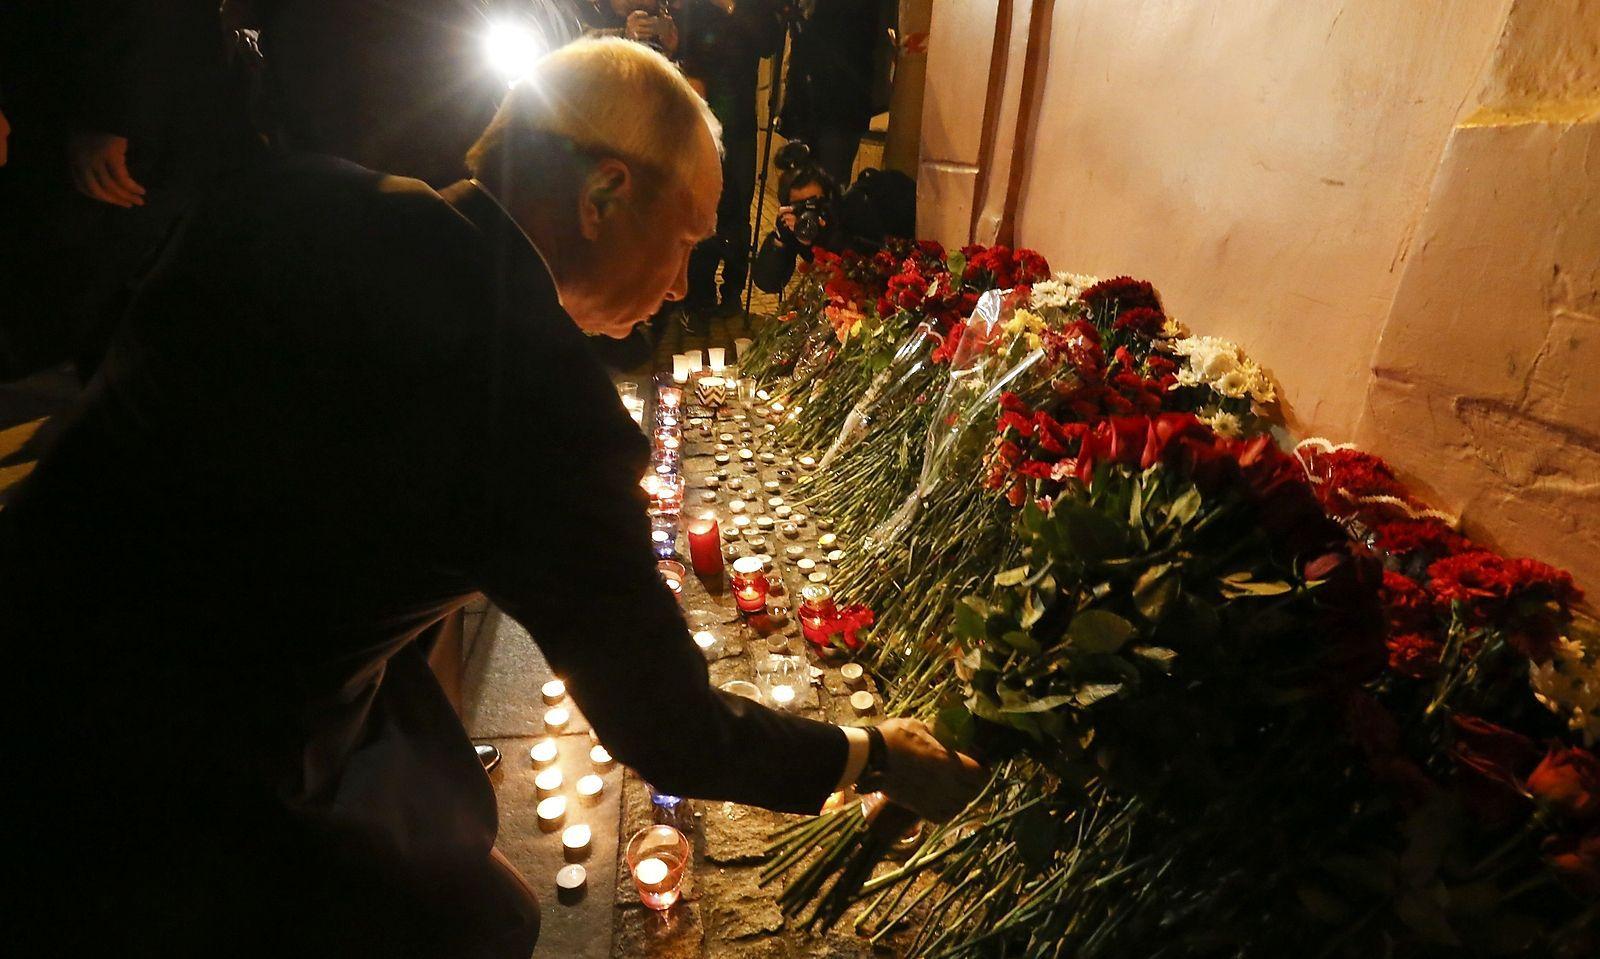 Putin legt für die Opfer Blumen nieder.